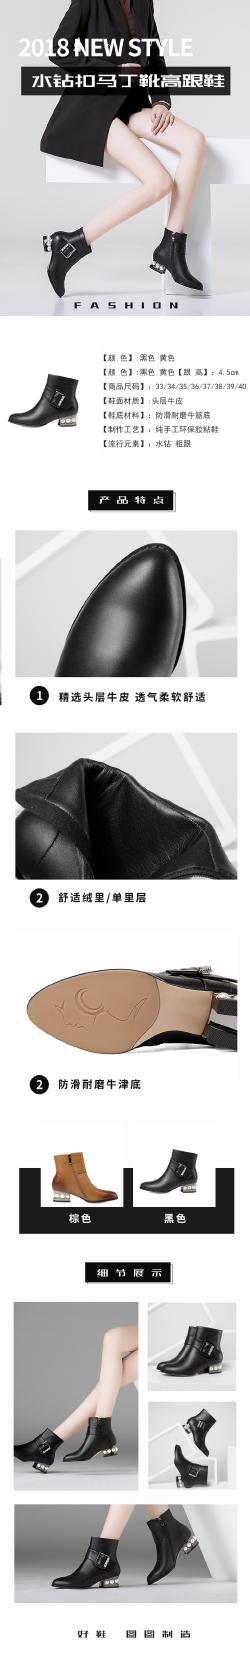 $时尚鞋子马丁靴淘宝产品详情图